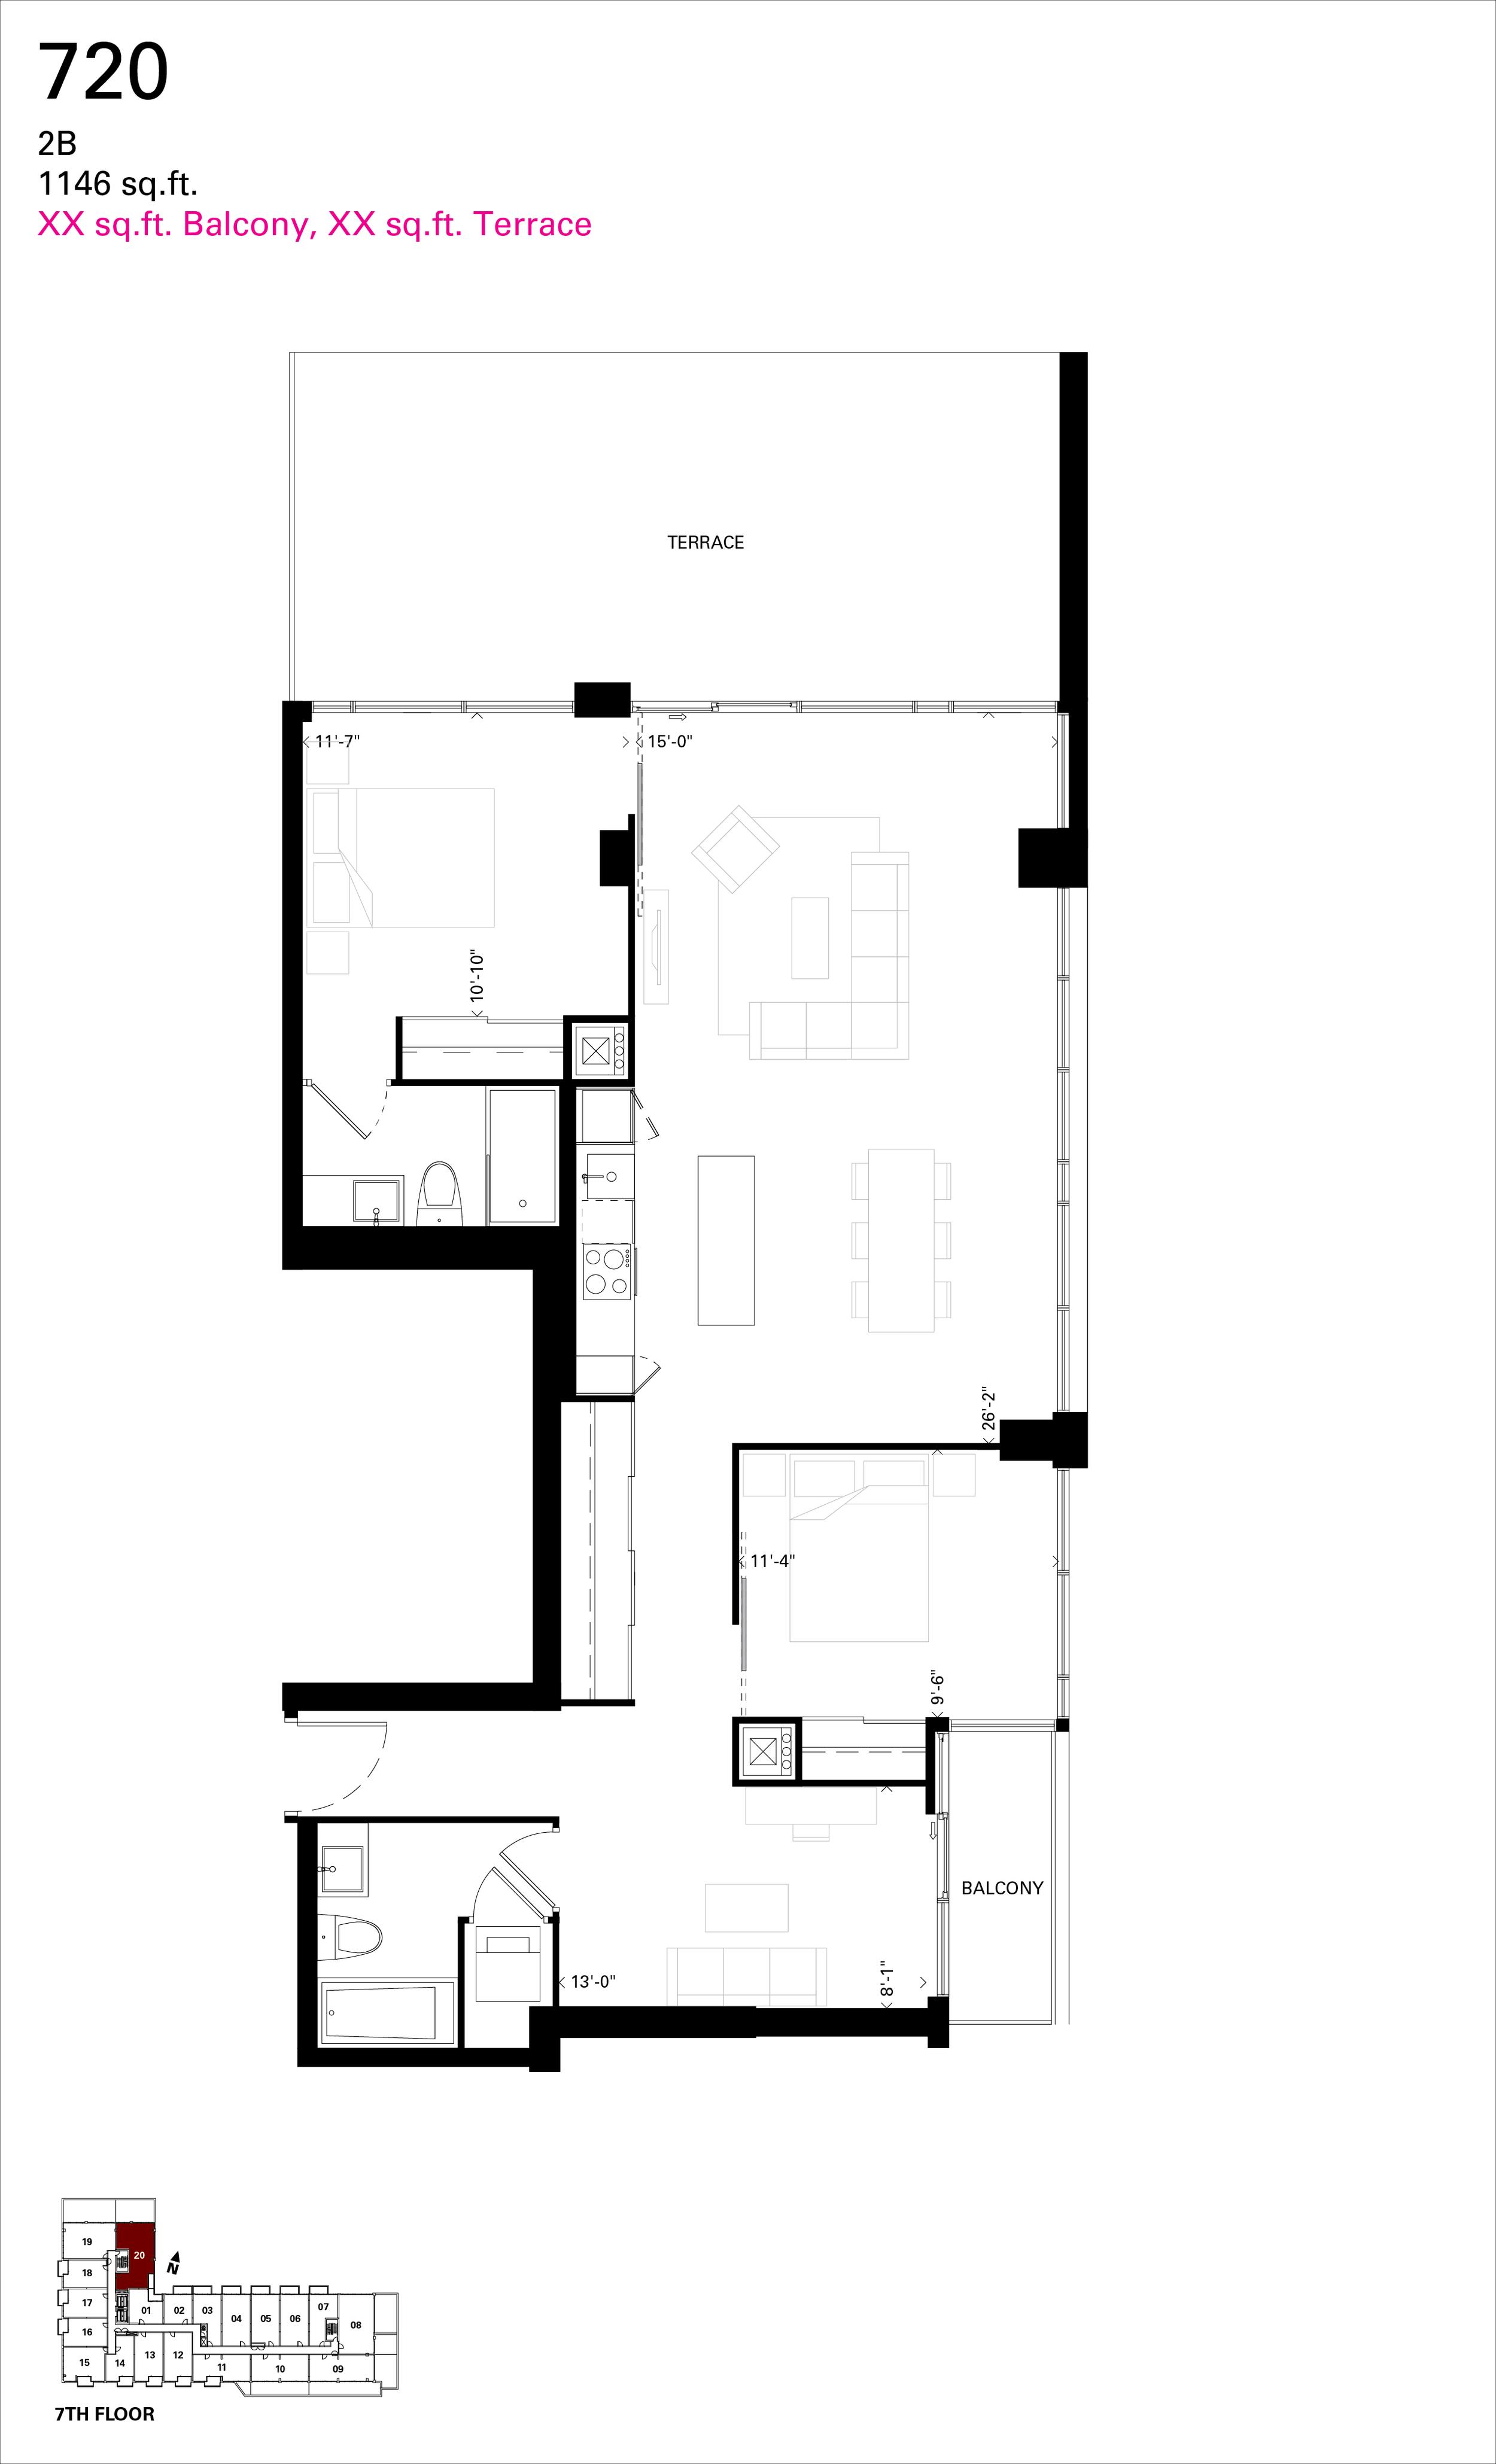 QP-Floorplan_720-01.png